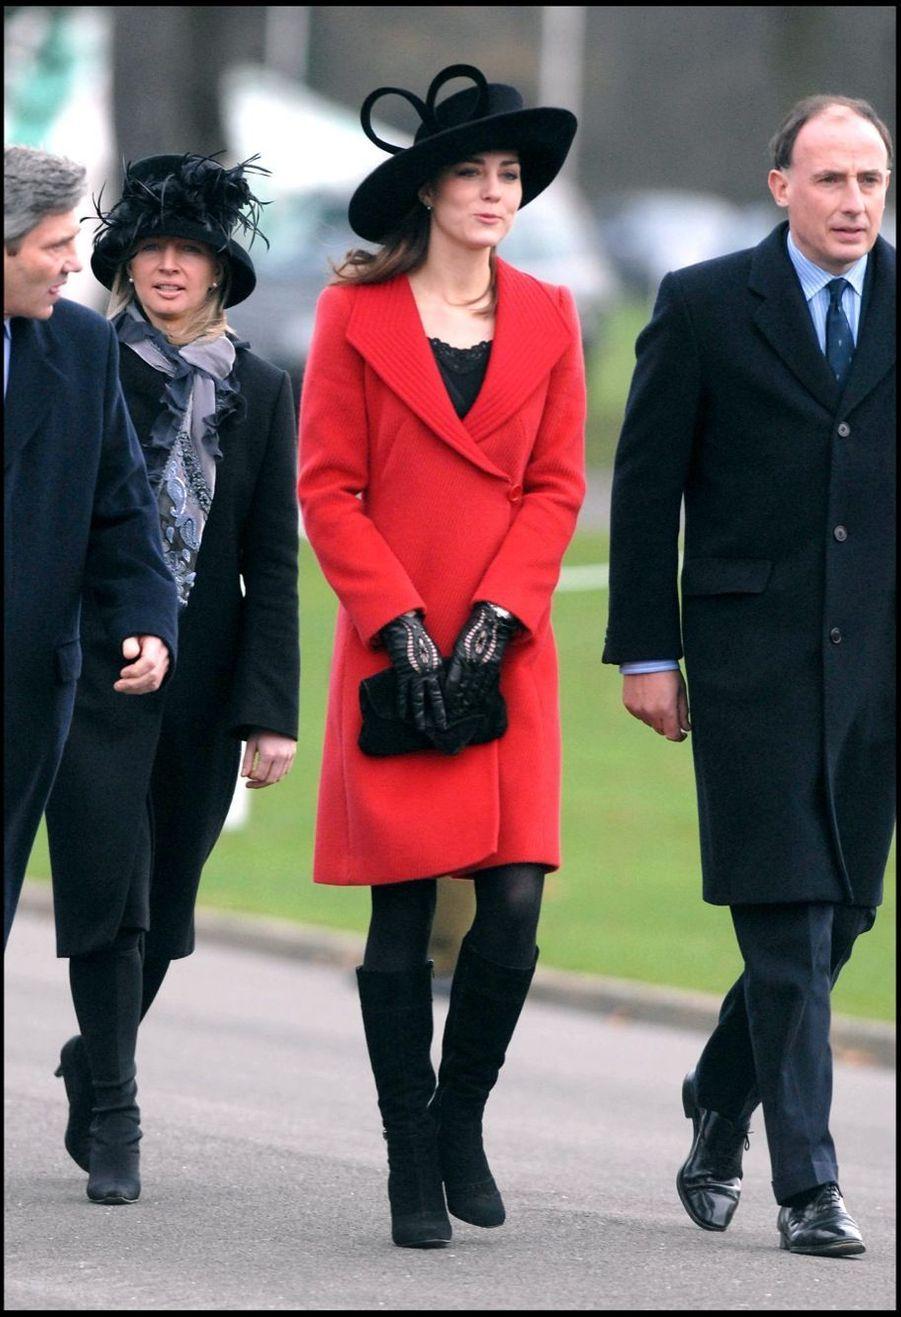 Kate Middleton regarde le prince William lors de la parade de l'école militaire de Sandhurst, en décembre 2006